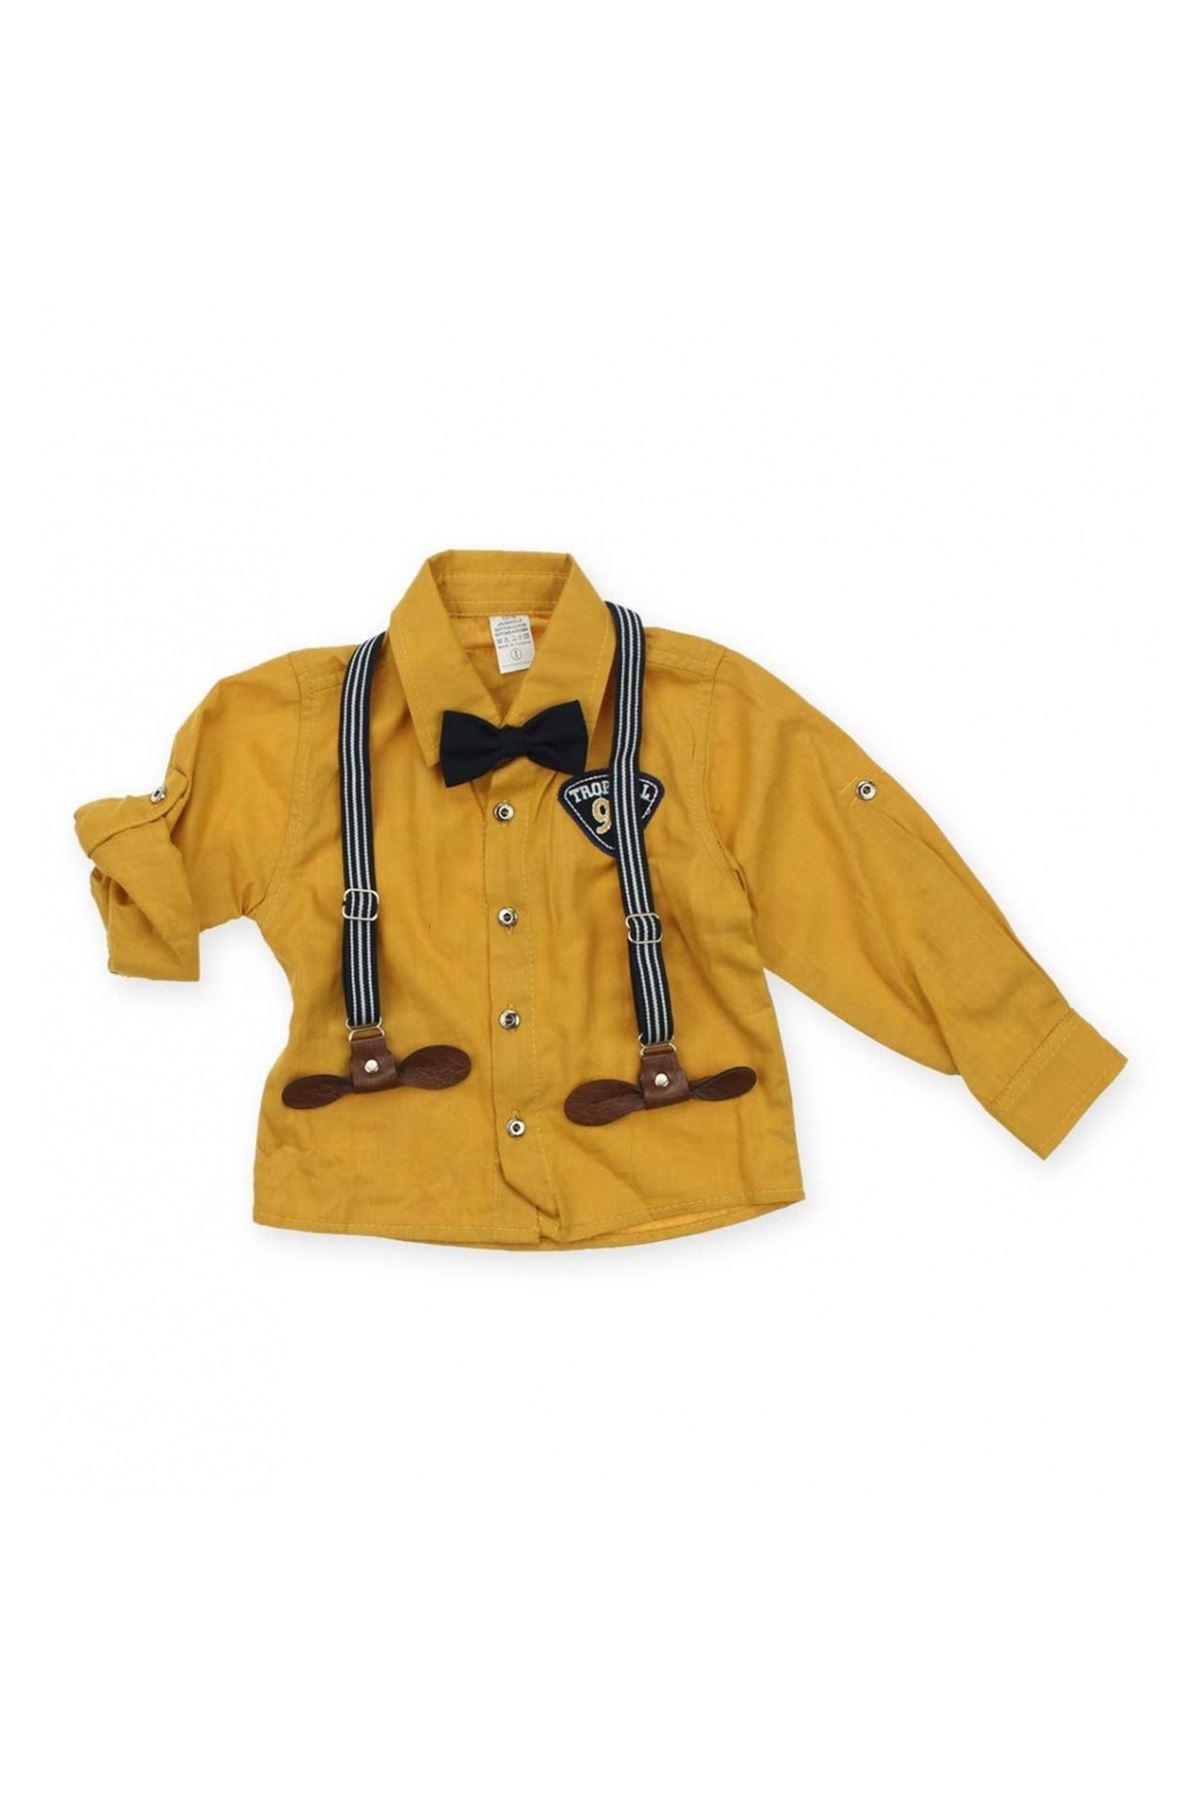 Modakids Erkek Çocuk Papyonlu Askılı Takım 019-4942-031